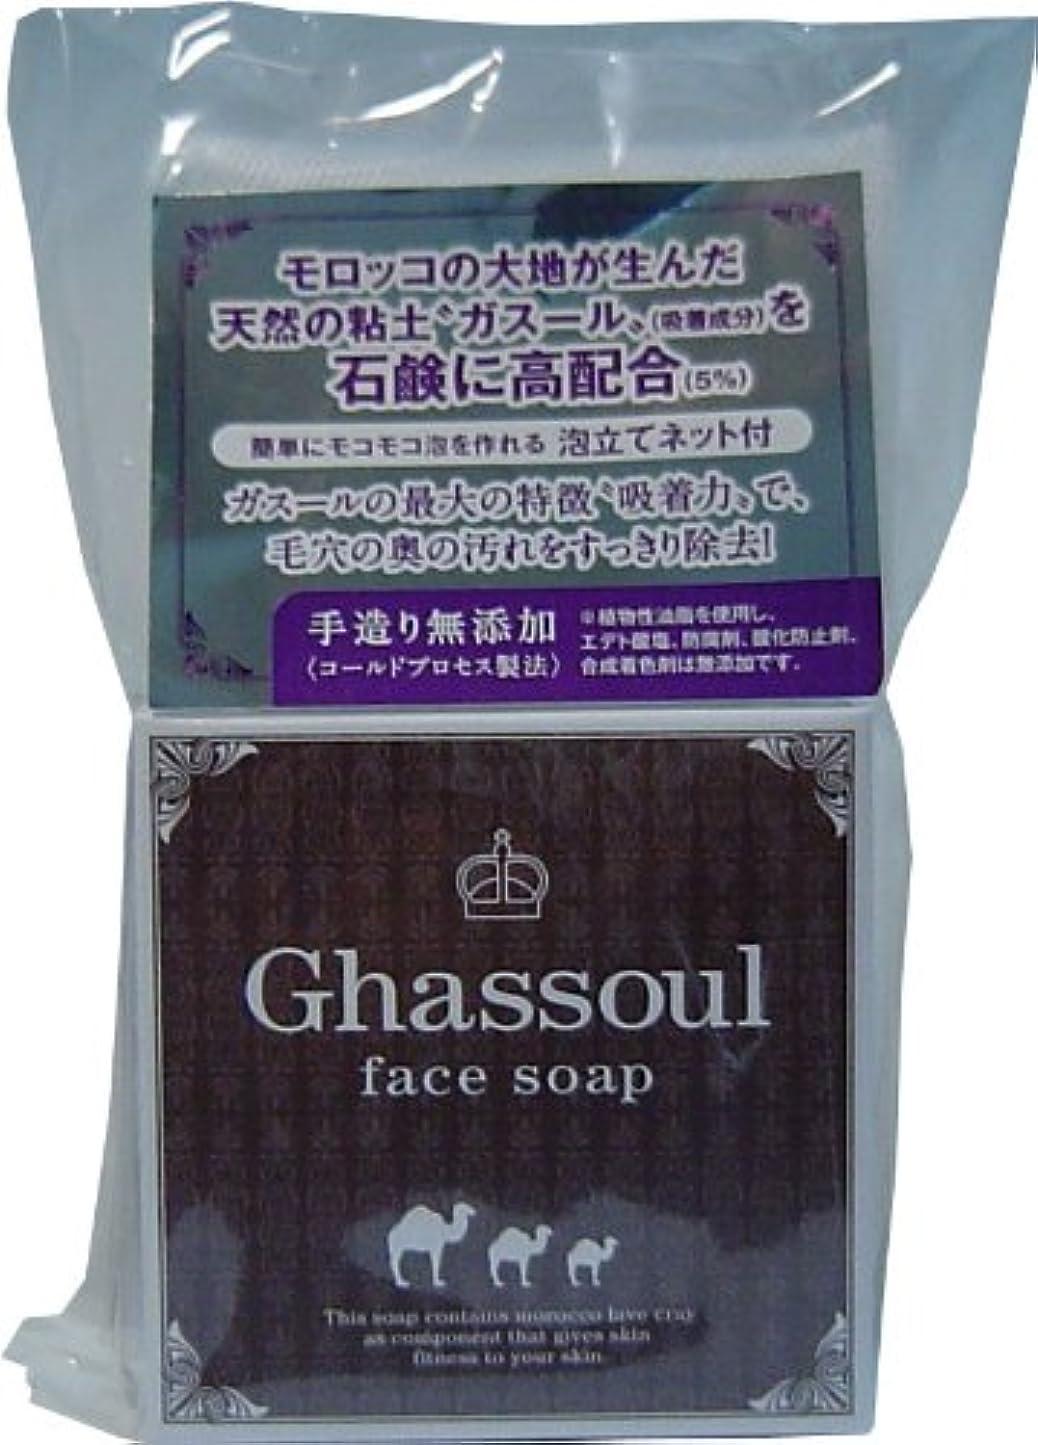 恥複合菊Ghassoul face soap ガスールフェイスソープ 100g「2点セット」